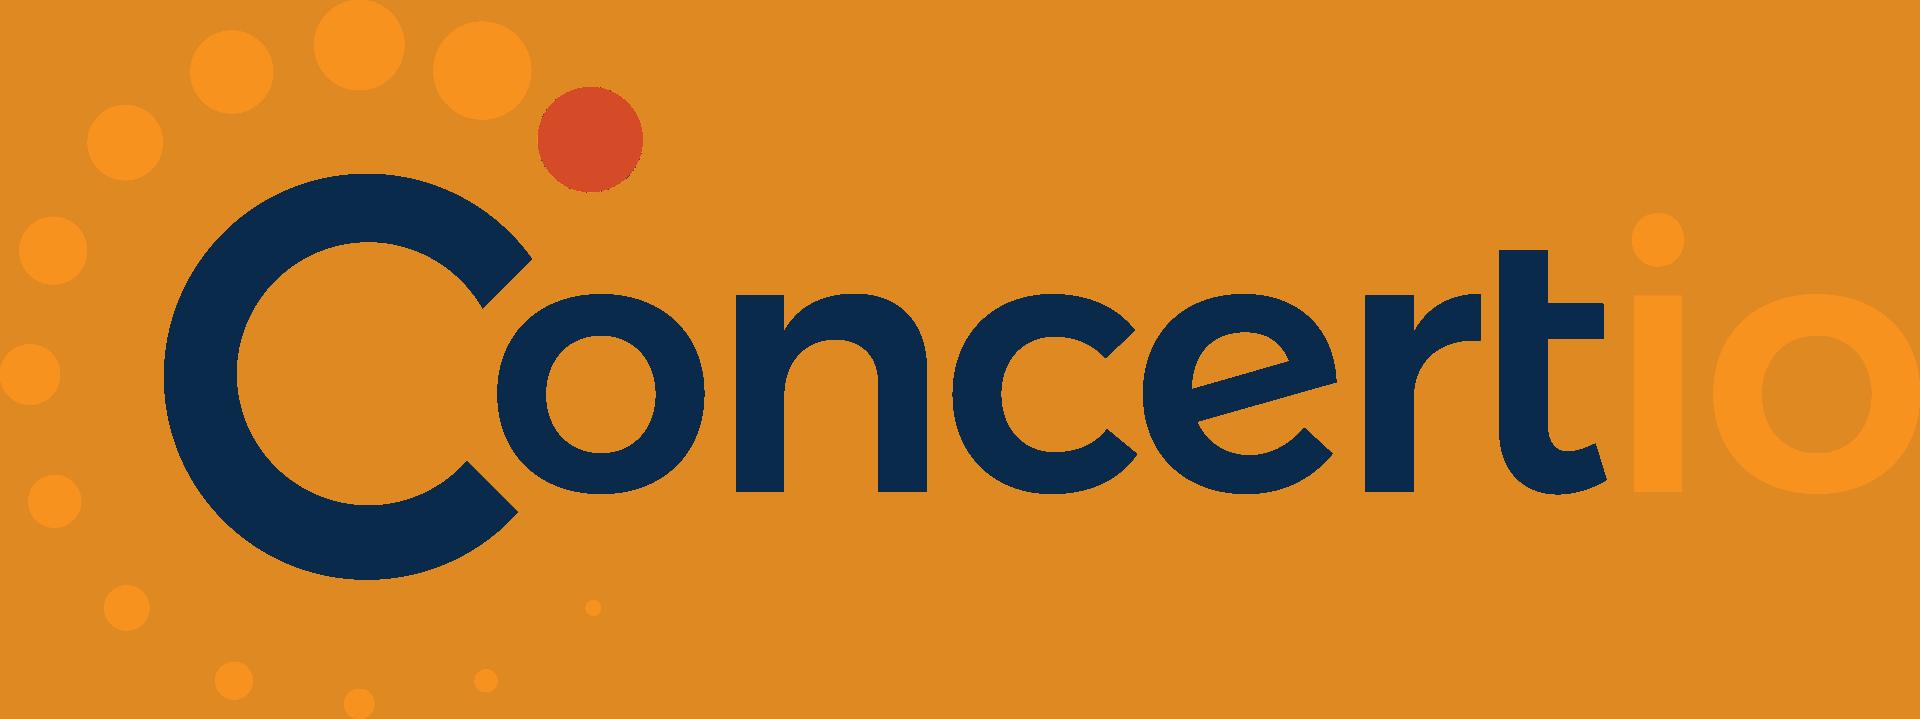 Concertio logo